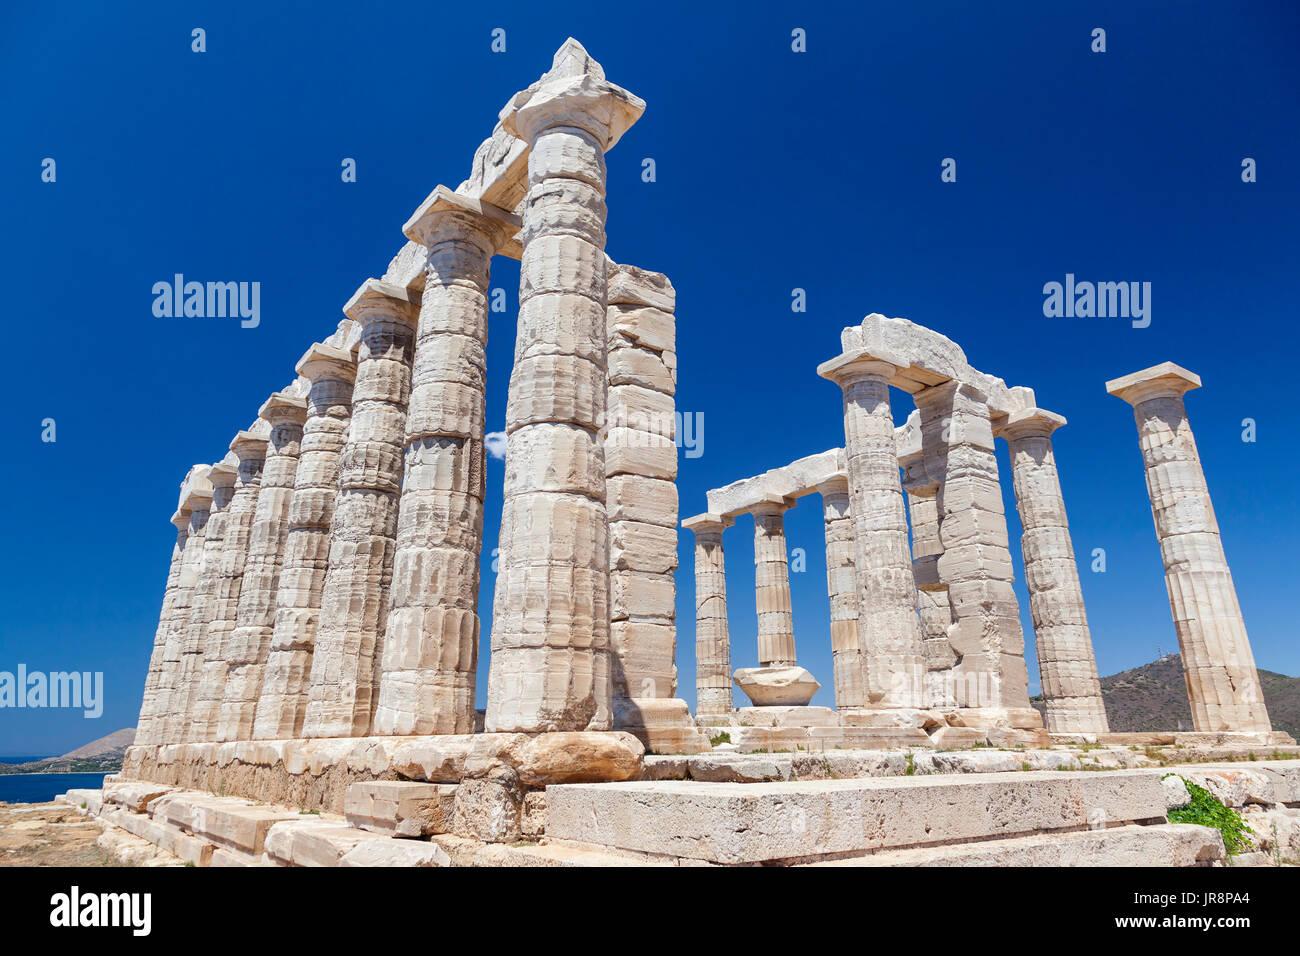 El templo de Poseidón en Cabo Sounion, uno de los más emblemáticos y populares sitios arqueológicos en Grecia. Foto de stock